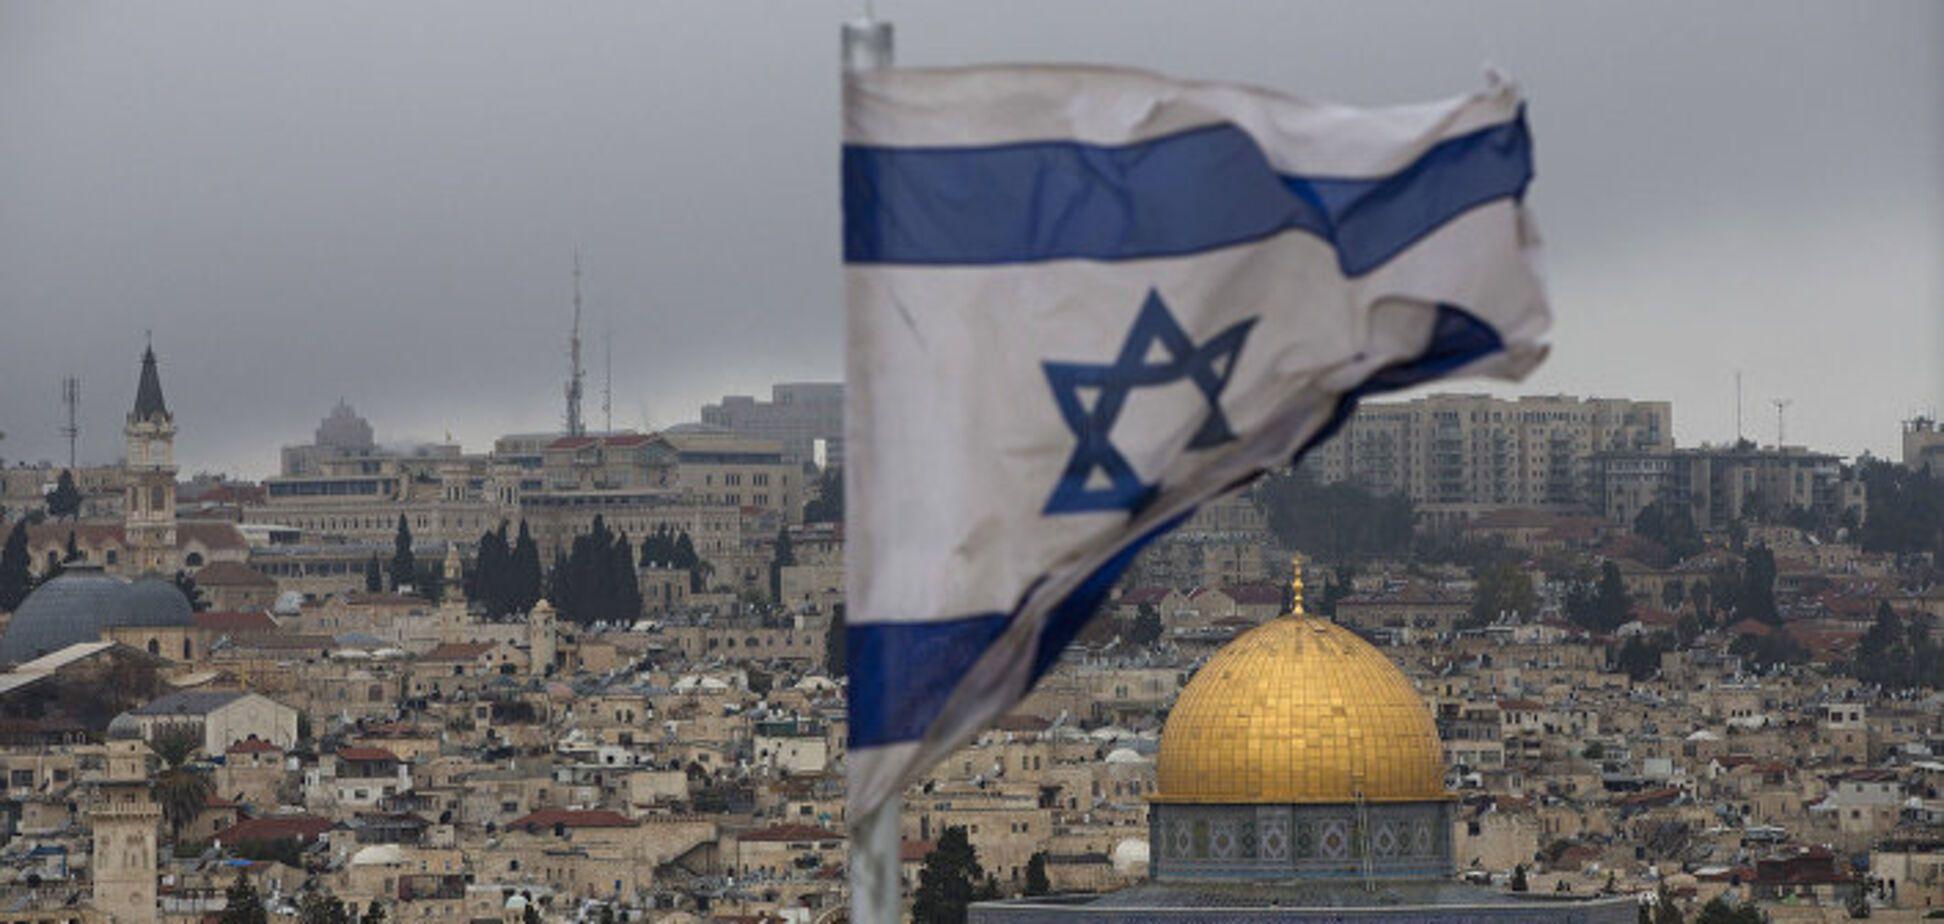 Світ у небезпеці: Ізраїль попередив про глобальну загрозу